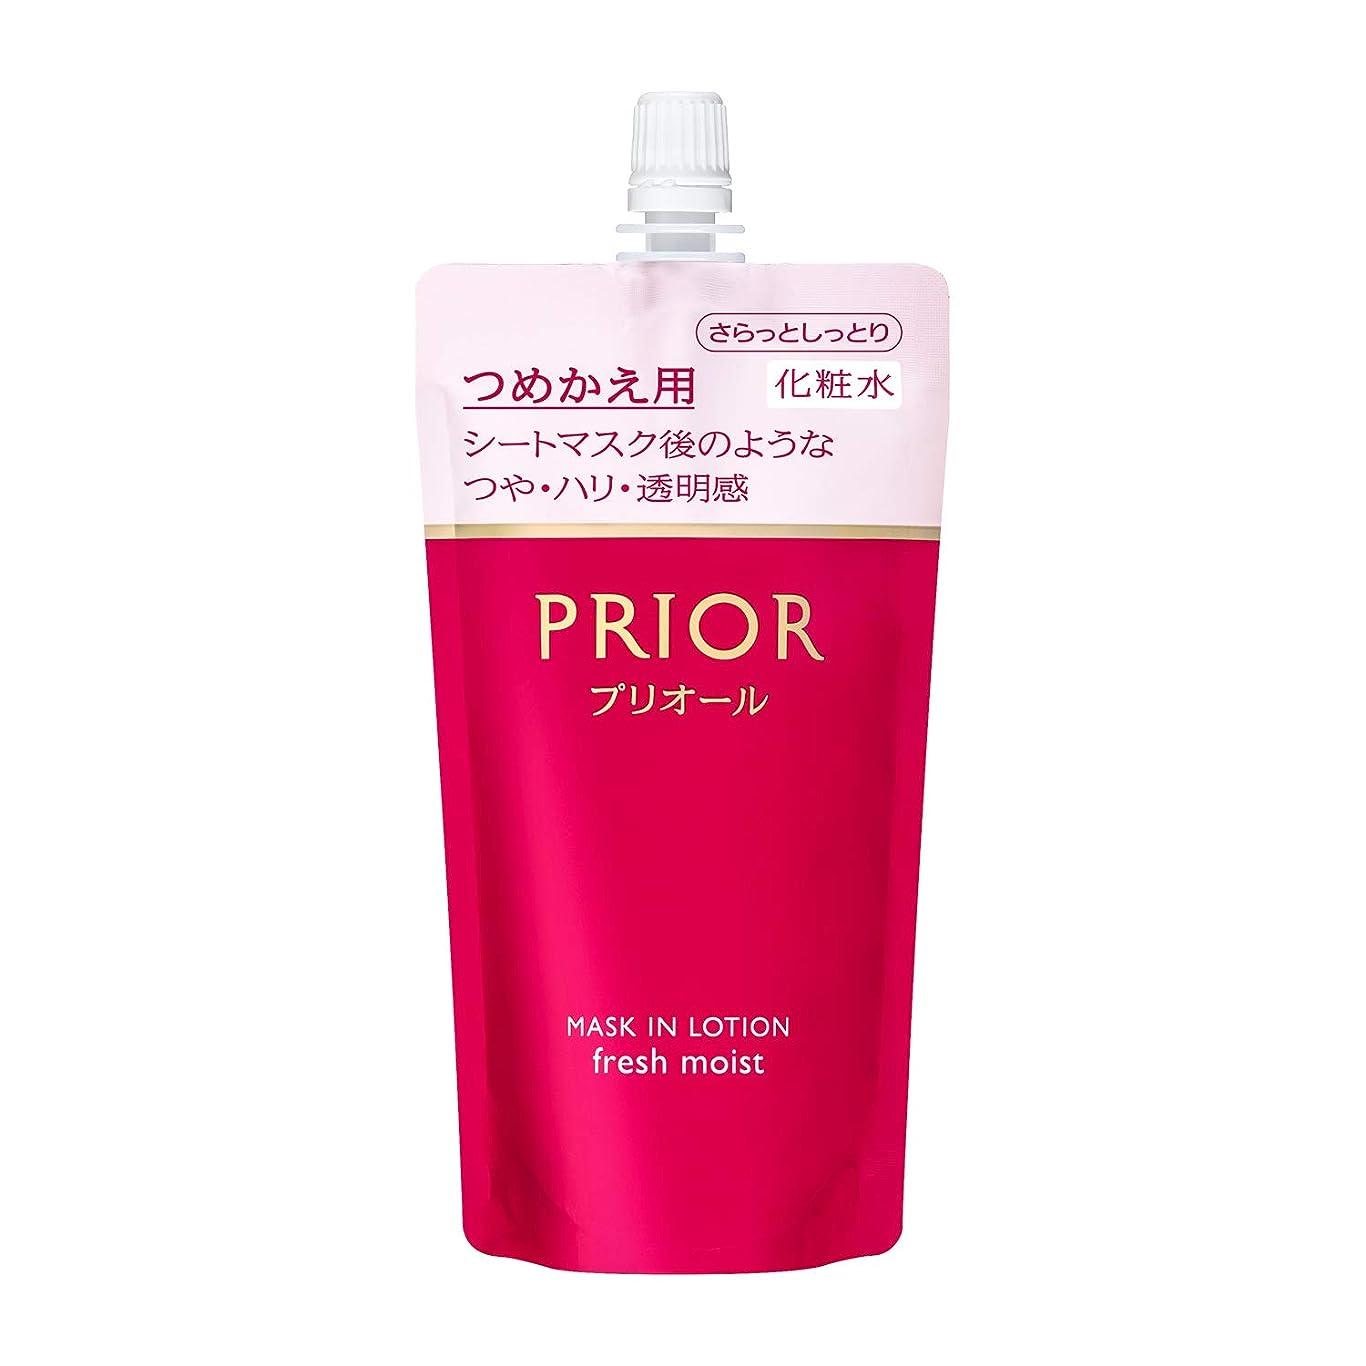 戦略傘しょっぱいプリオール マスクイン化粧水 (さらっとしっとり) (つめかえ用) 140mL